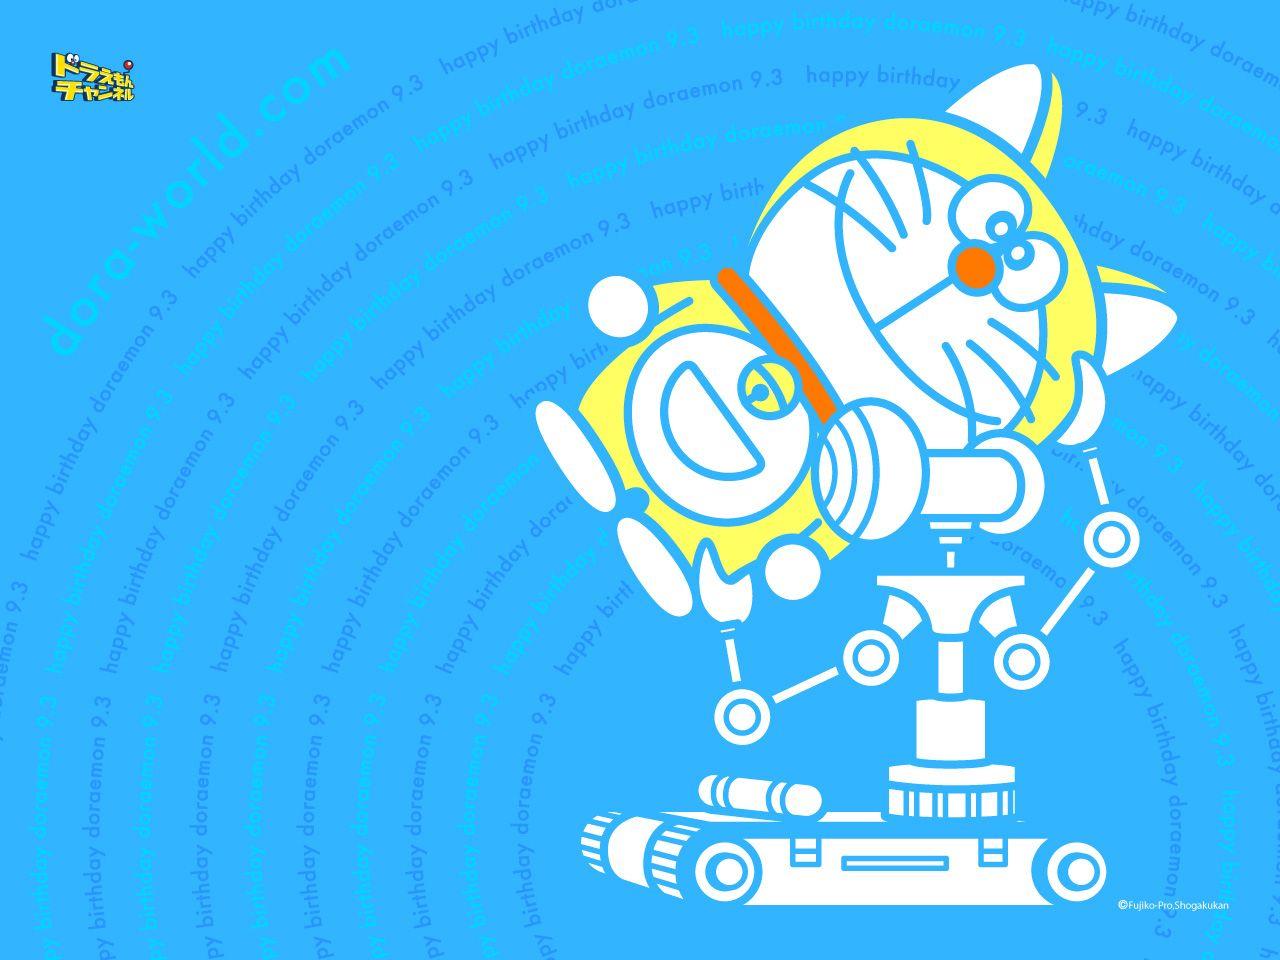 ドラえもん 壁紙 Doraemon Wallpaper ドラえもん 壁紙 ドラえもん